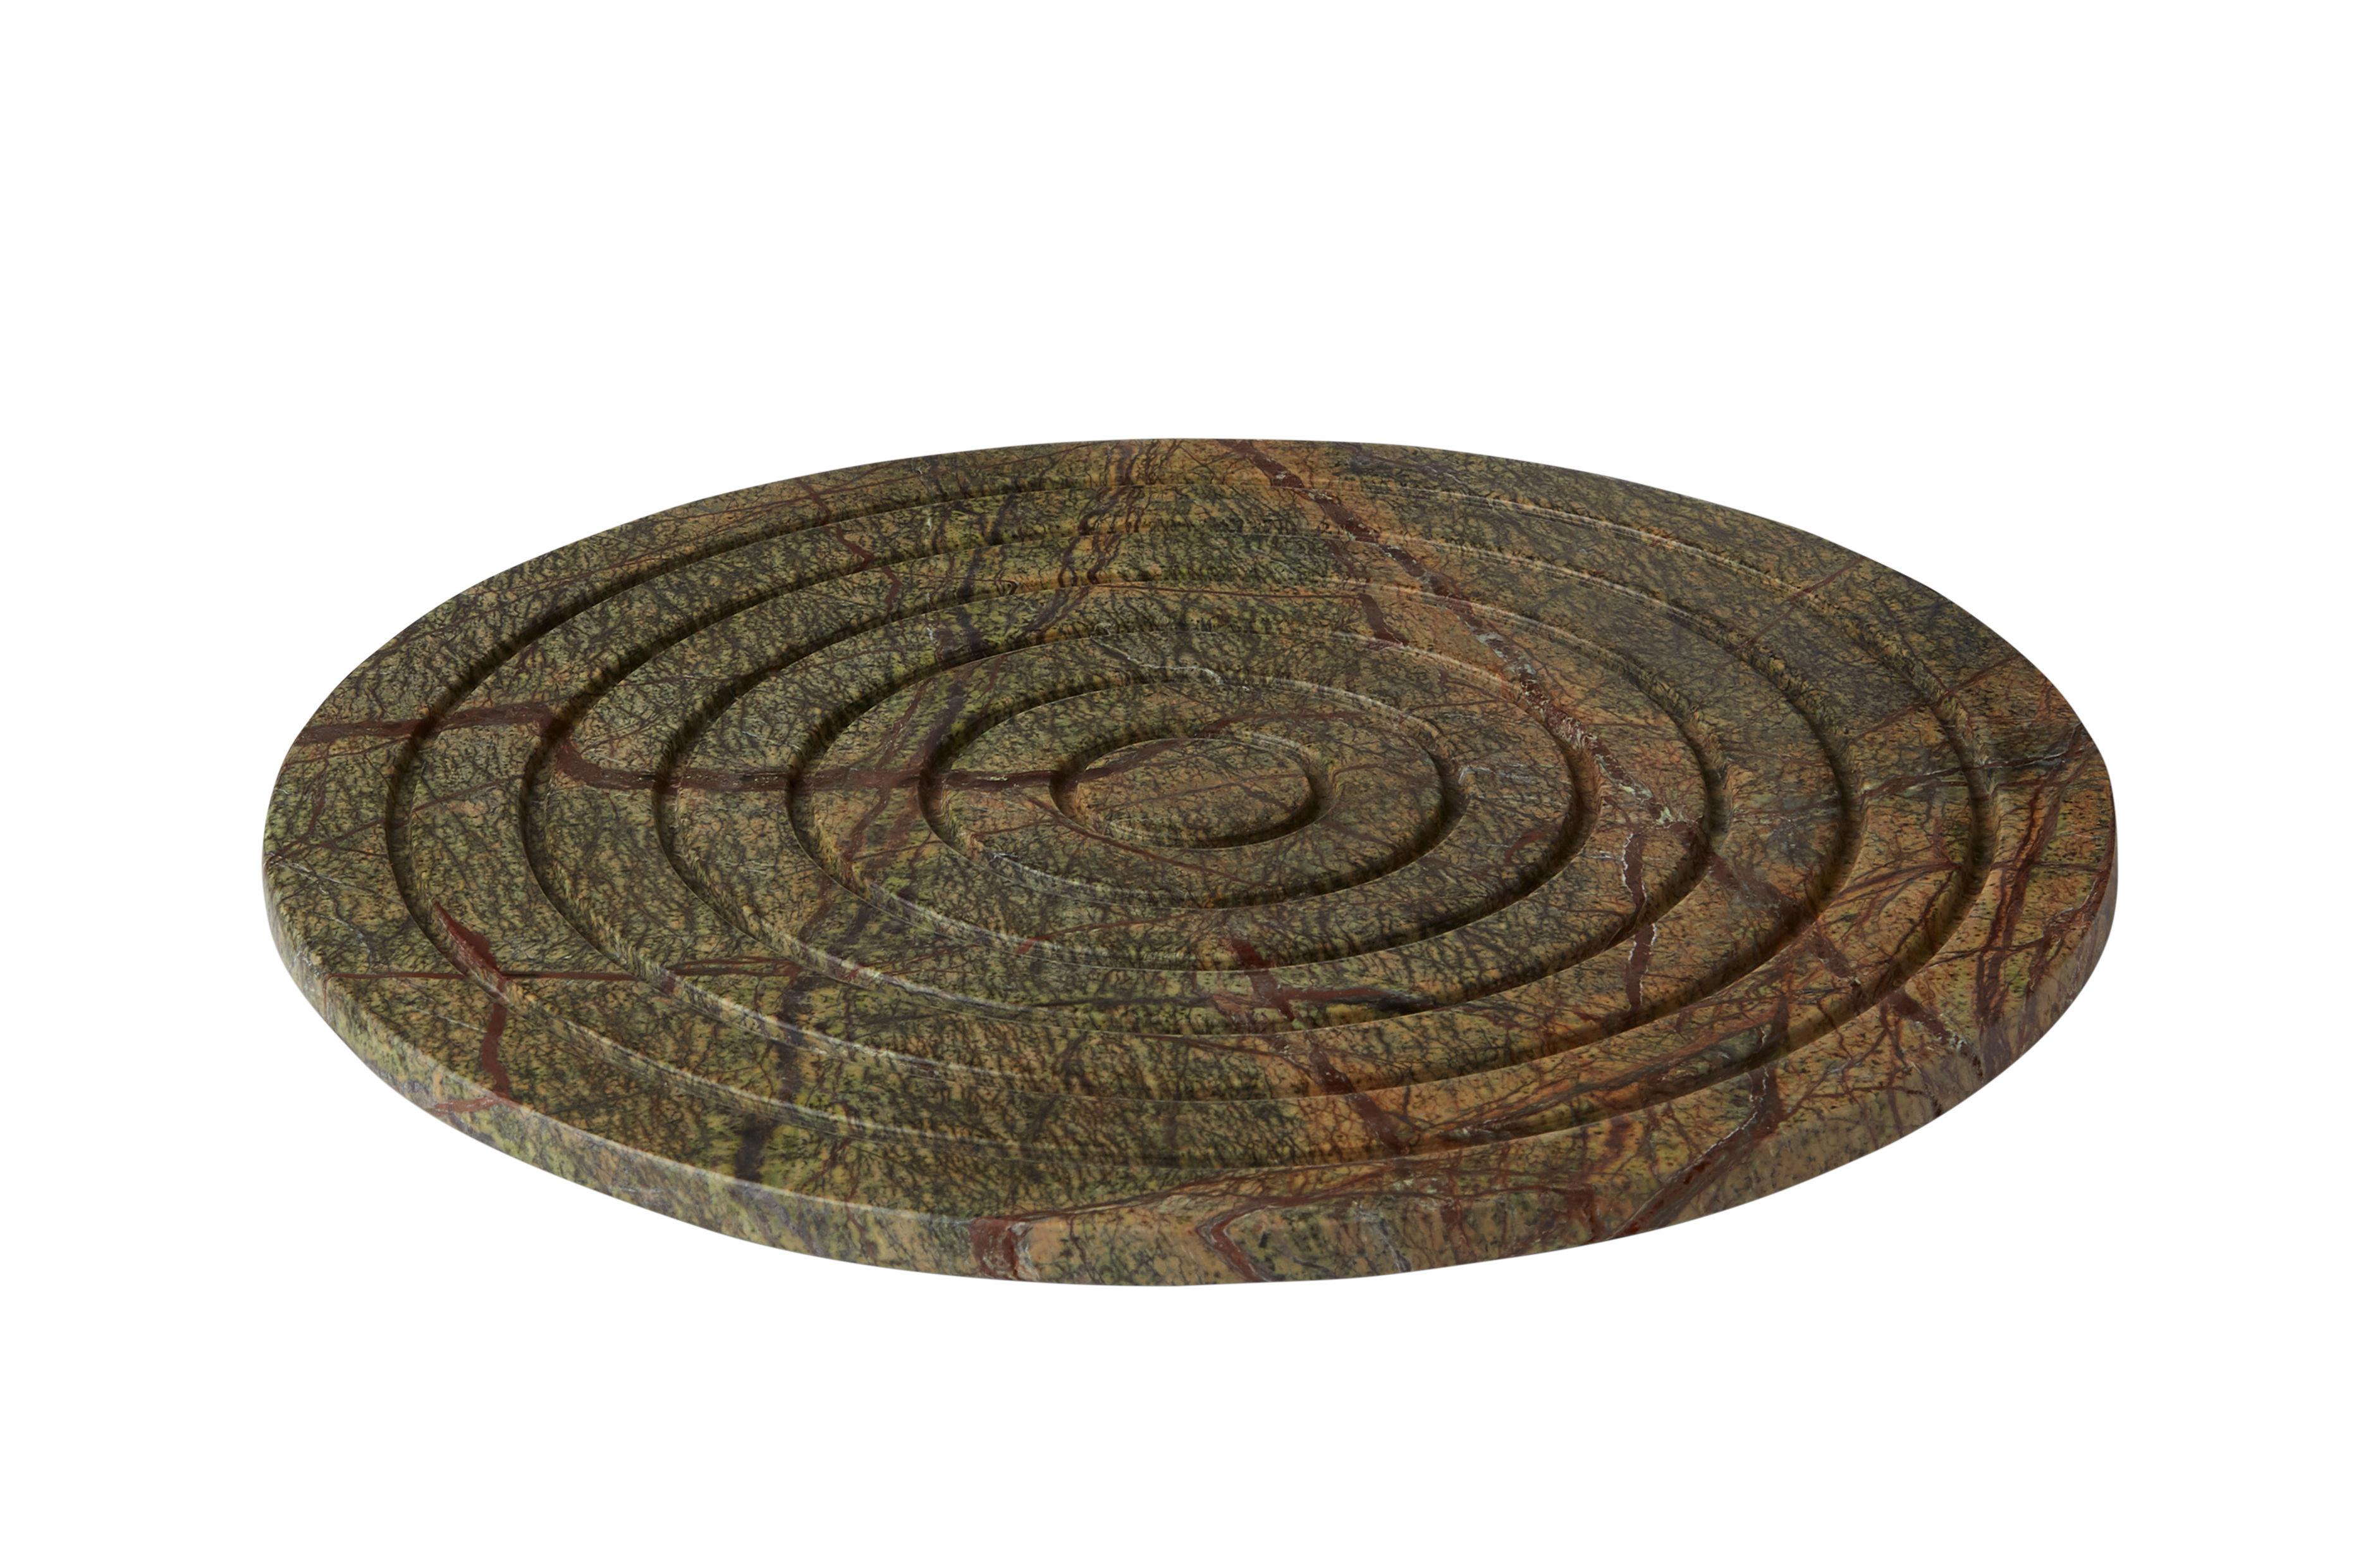 Arts de la table - Plateaux - Plateau Rock Rond / Marbre - Ø 28 cm - Tom Dixon - Rond / Vert - Marbre